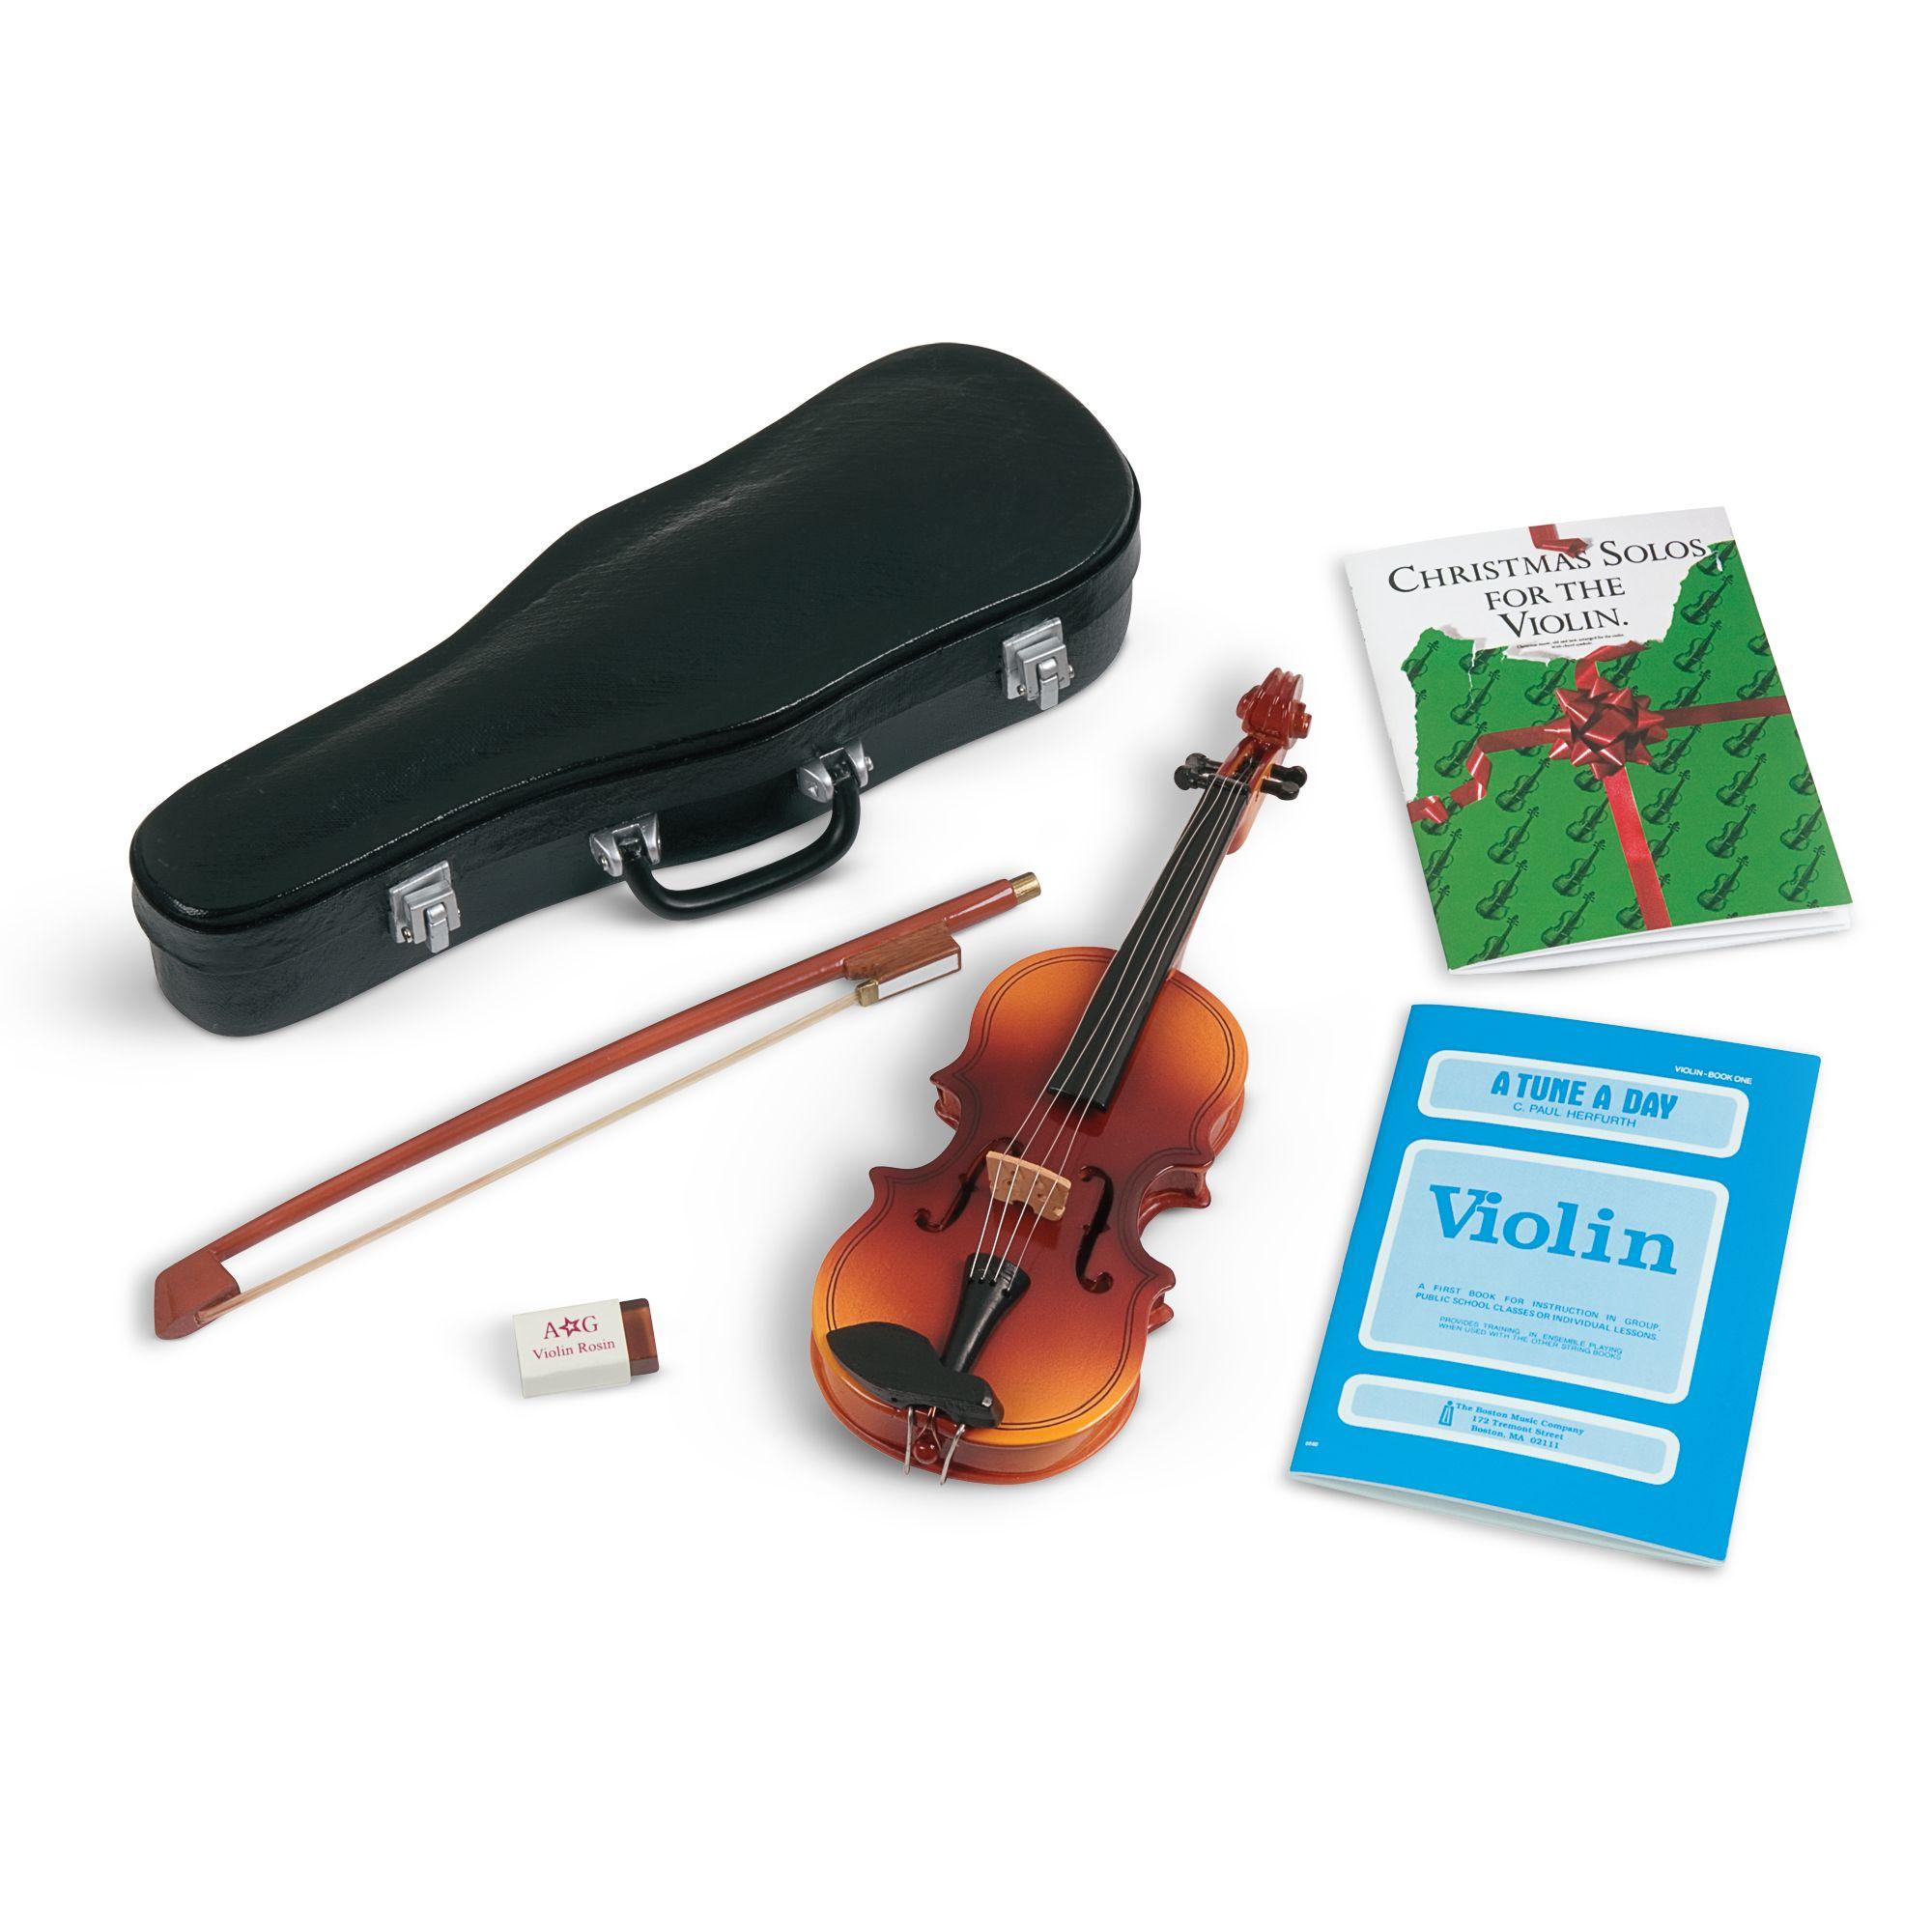 ViolinSet-Standless.jpg